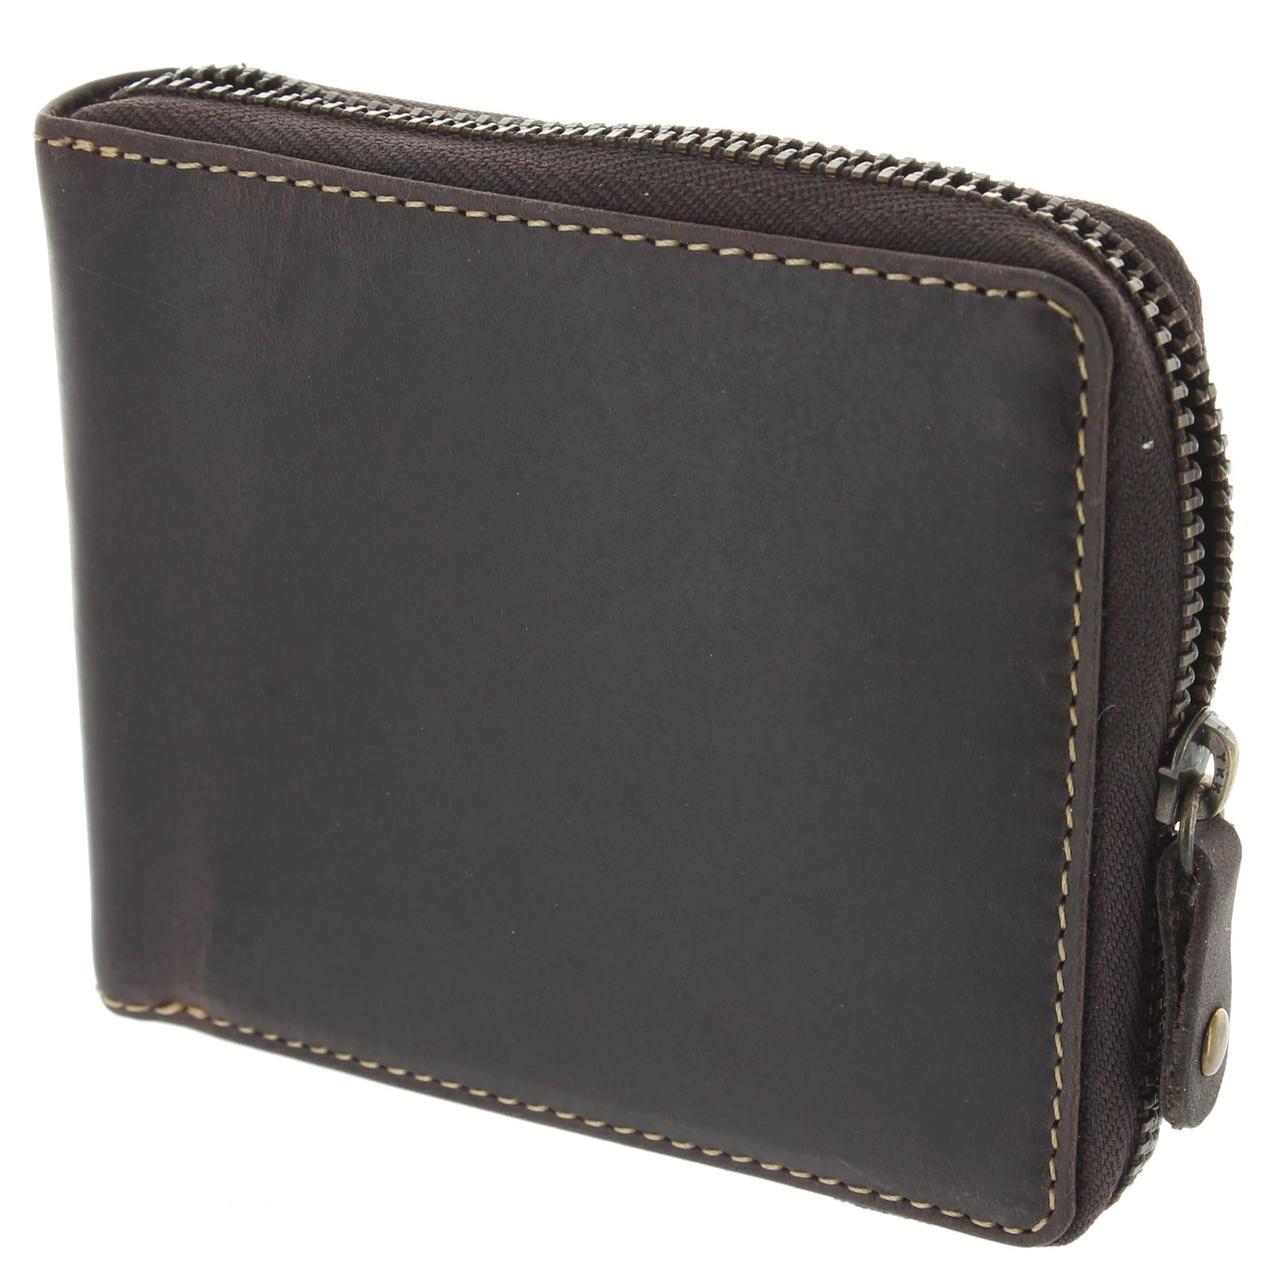 Мужской кошелек на молнии Visconti 702 oil brown (Великобритания)